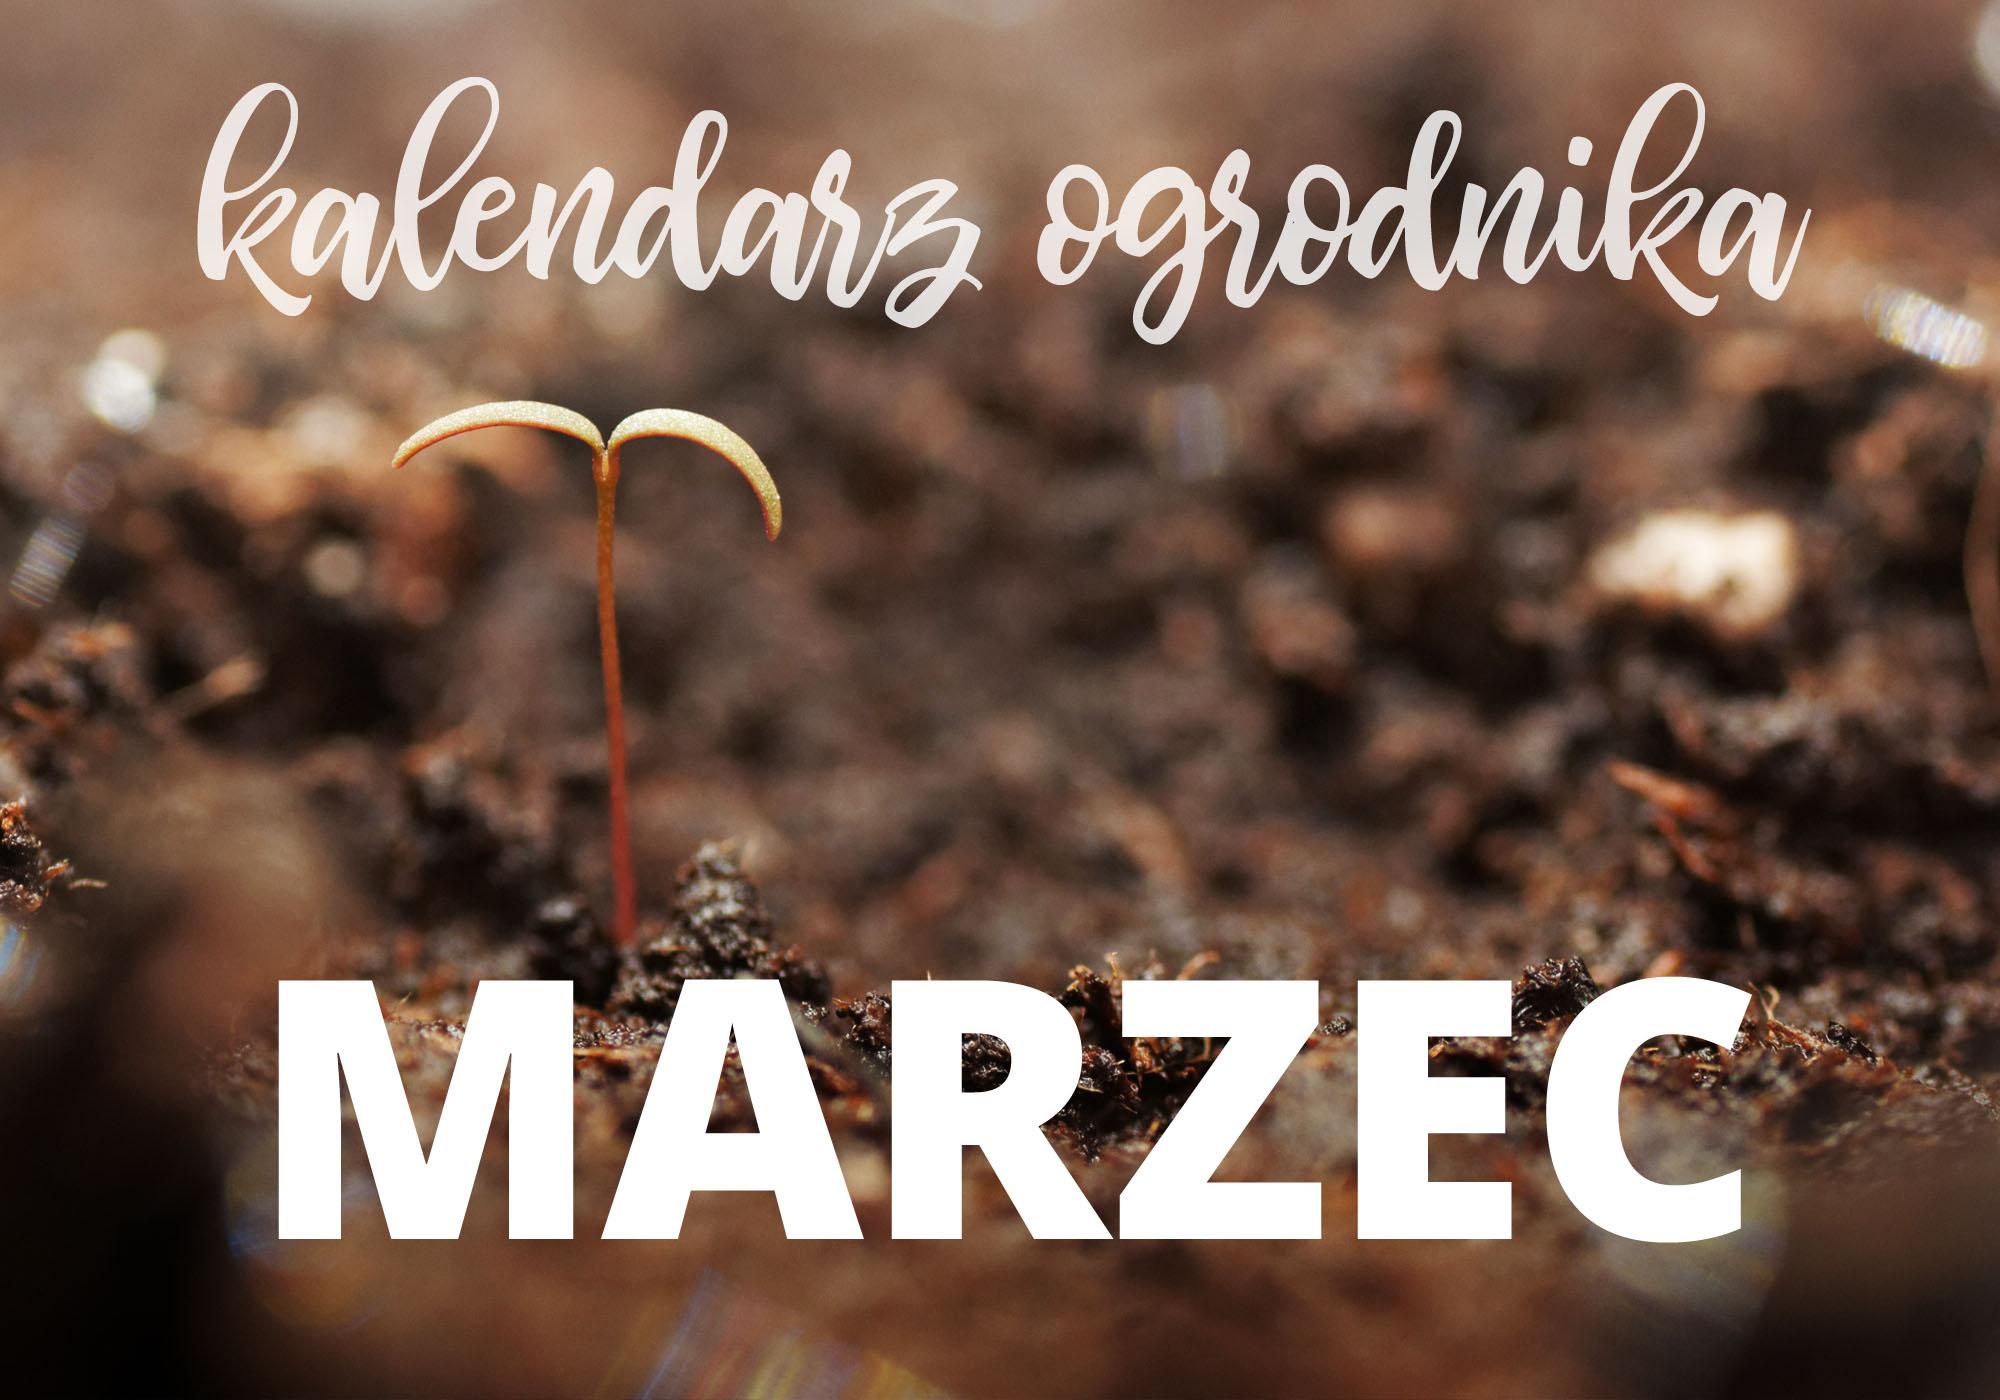 Kalendarz ogrodnika – marzec